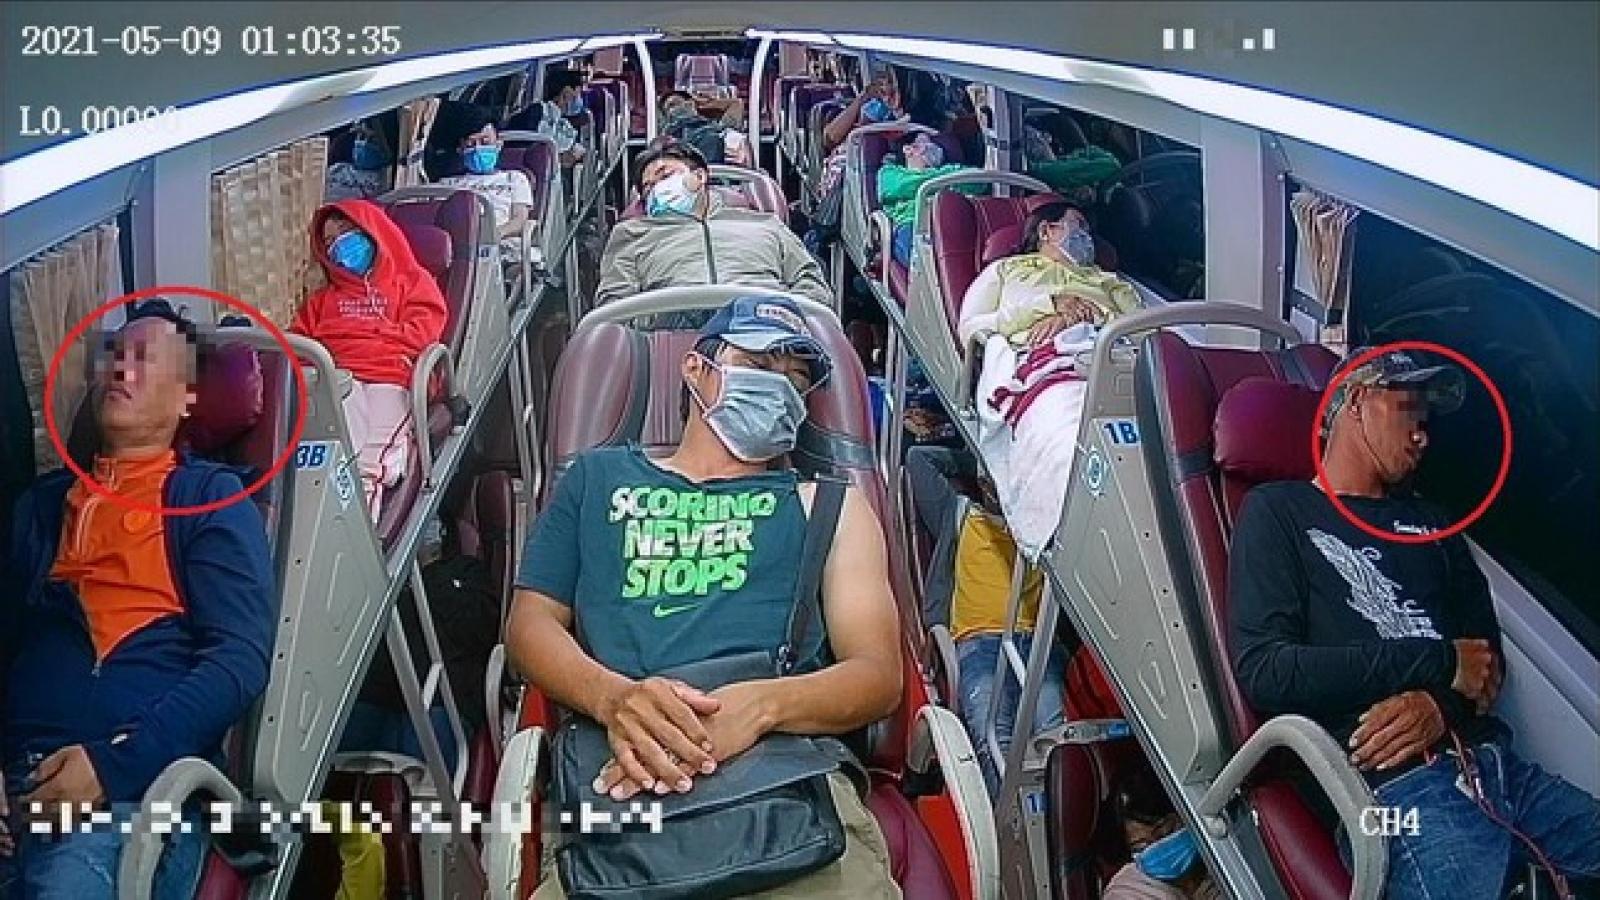 Lắp camera trên xe kinh doanh vận tải: Tiện quản lý nhưng doanh nghiệp vẫn nghe ngóng